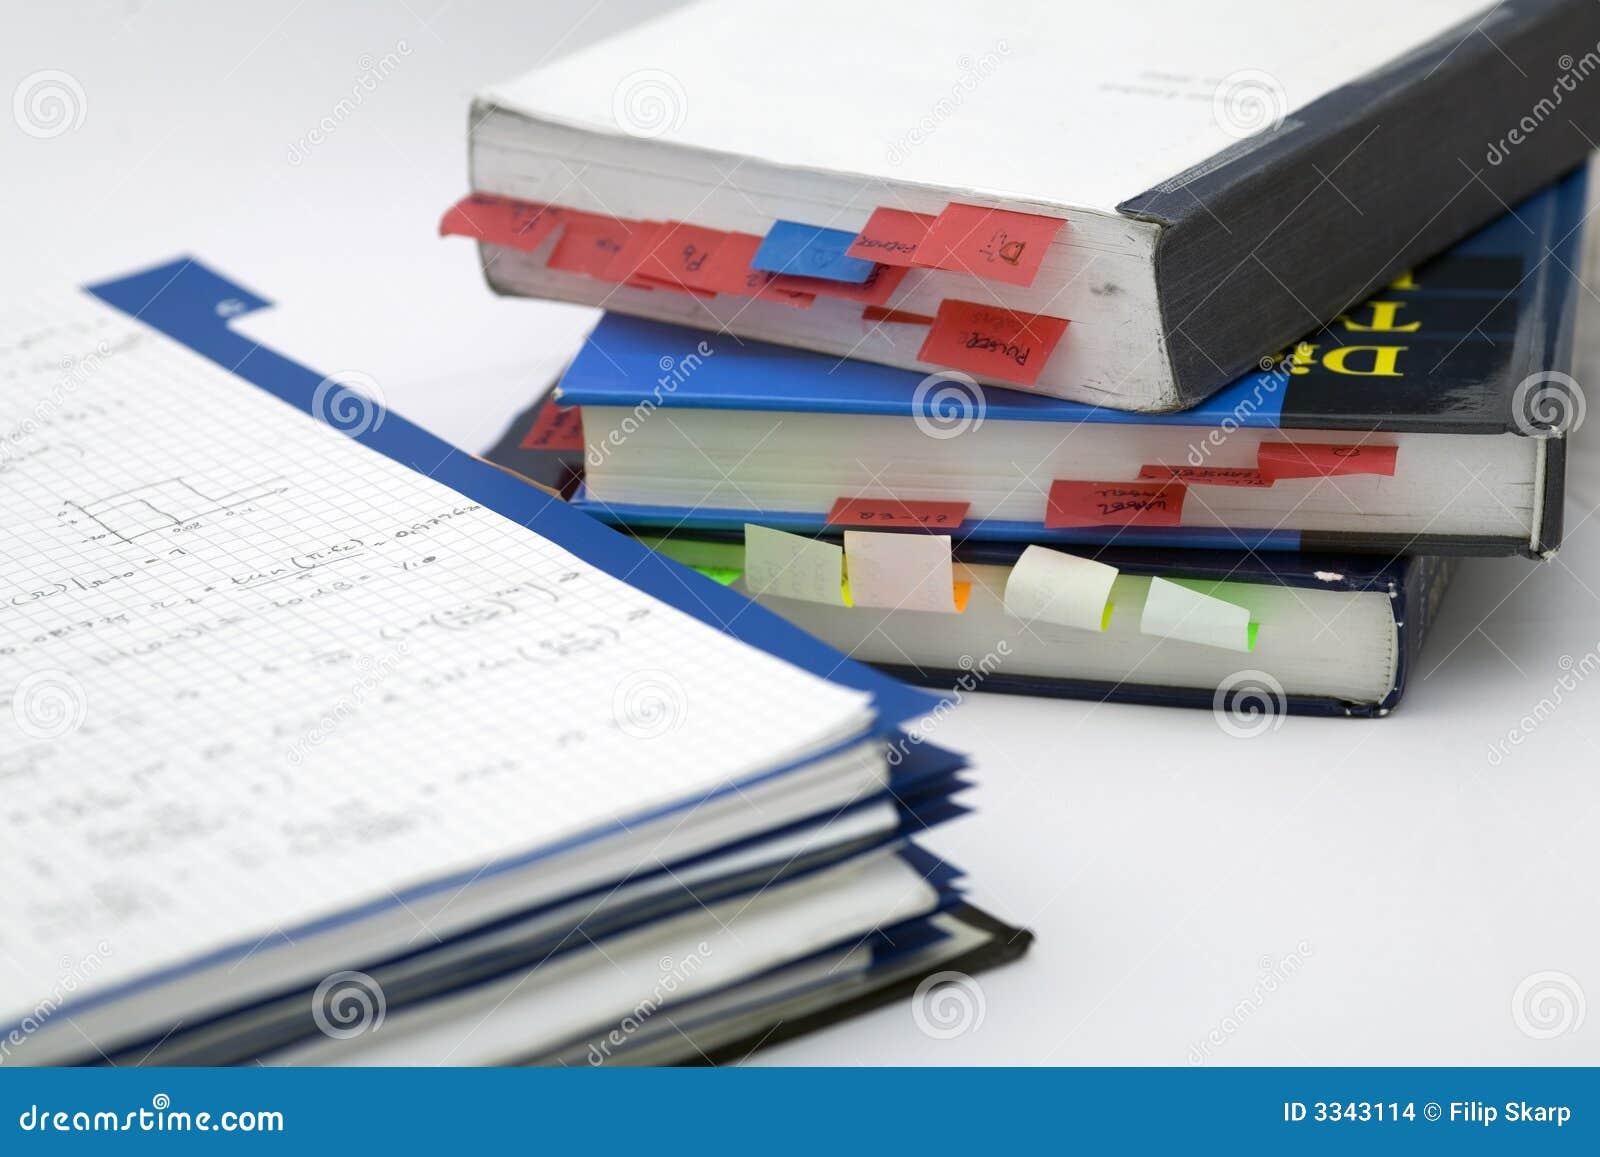 предварительная математика книги